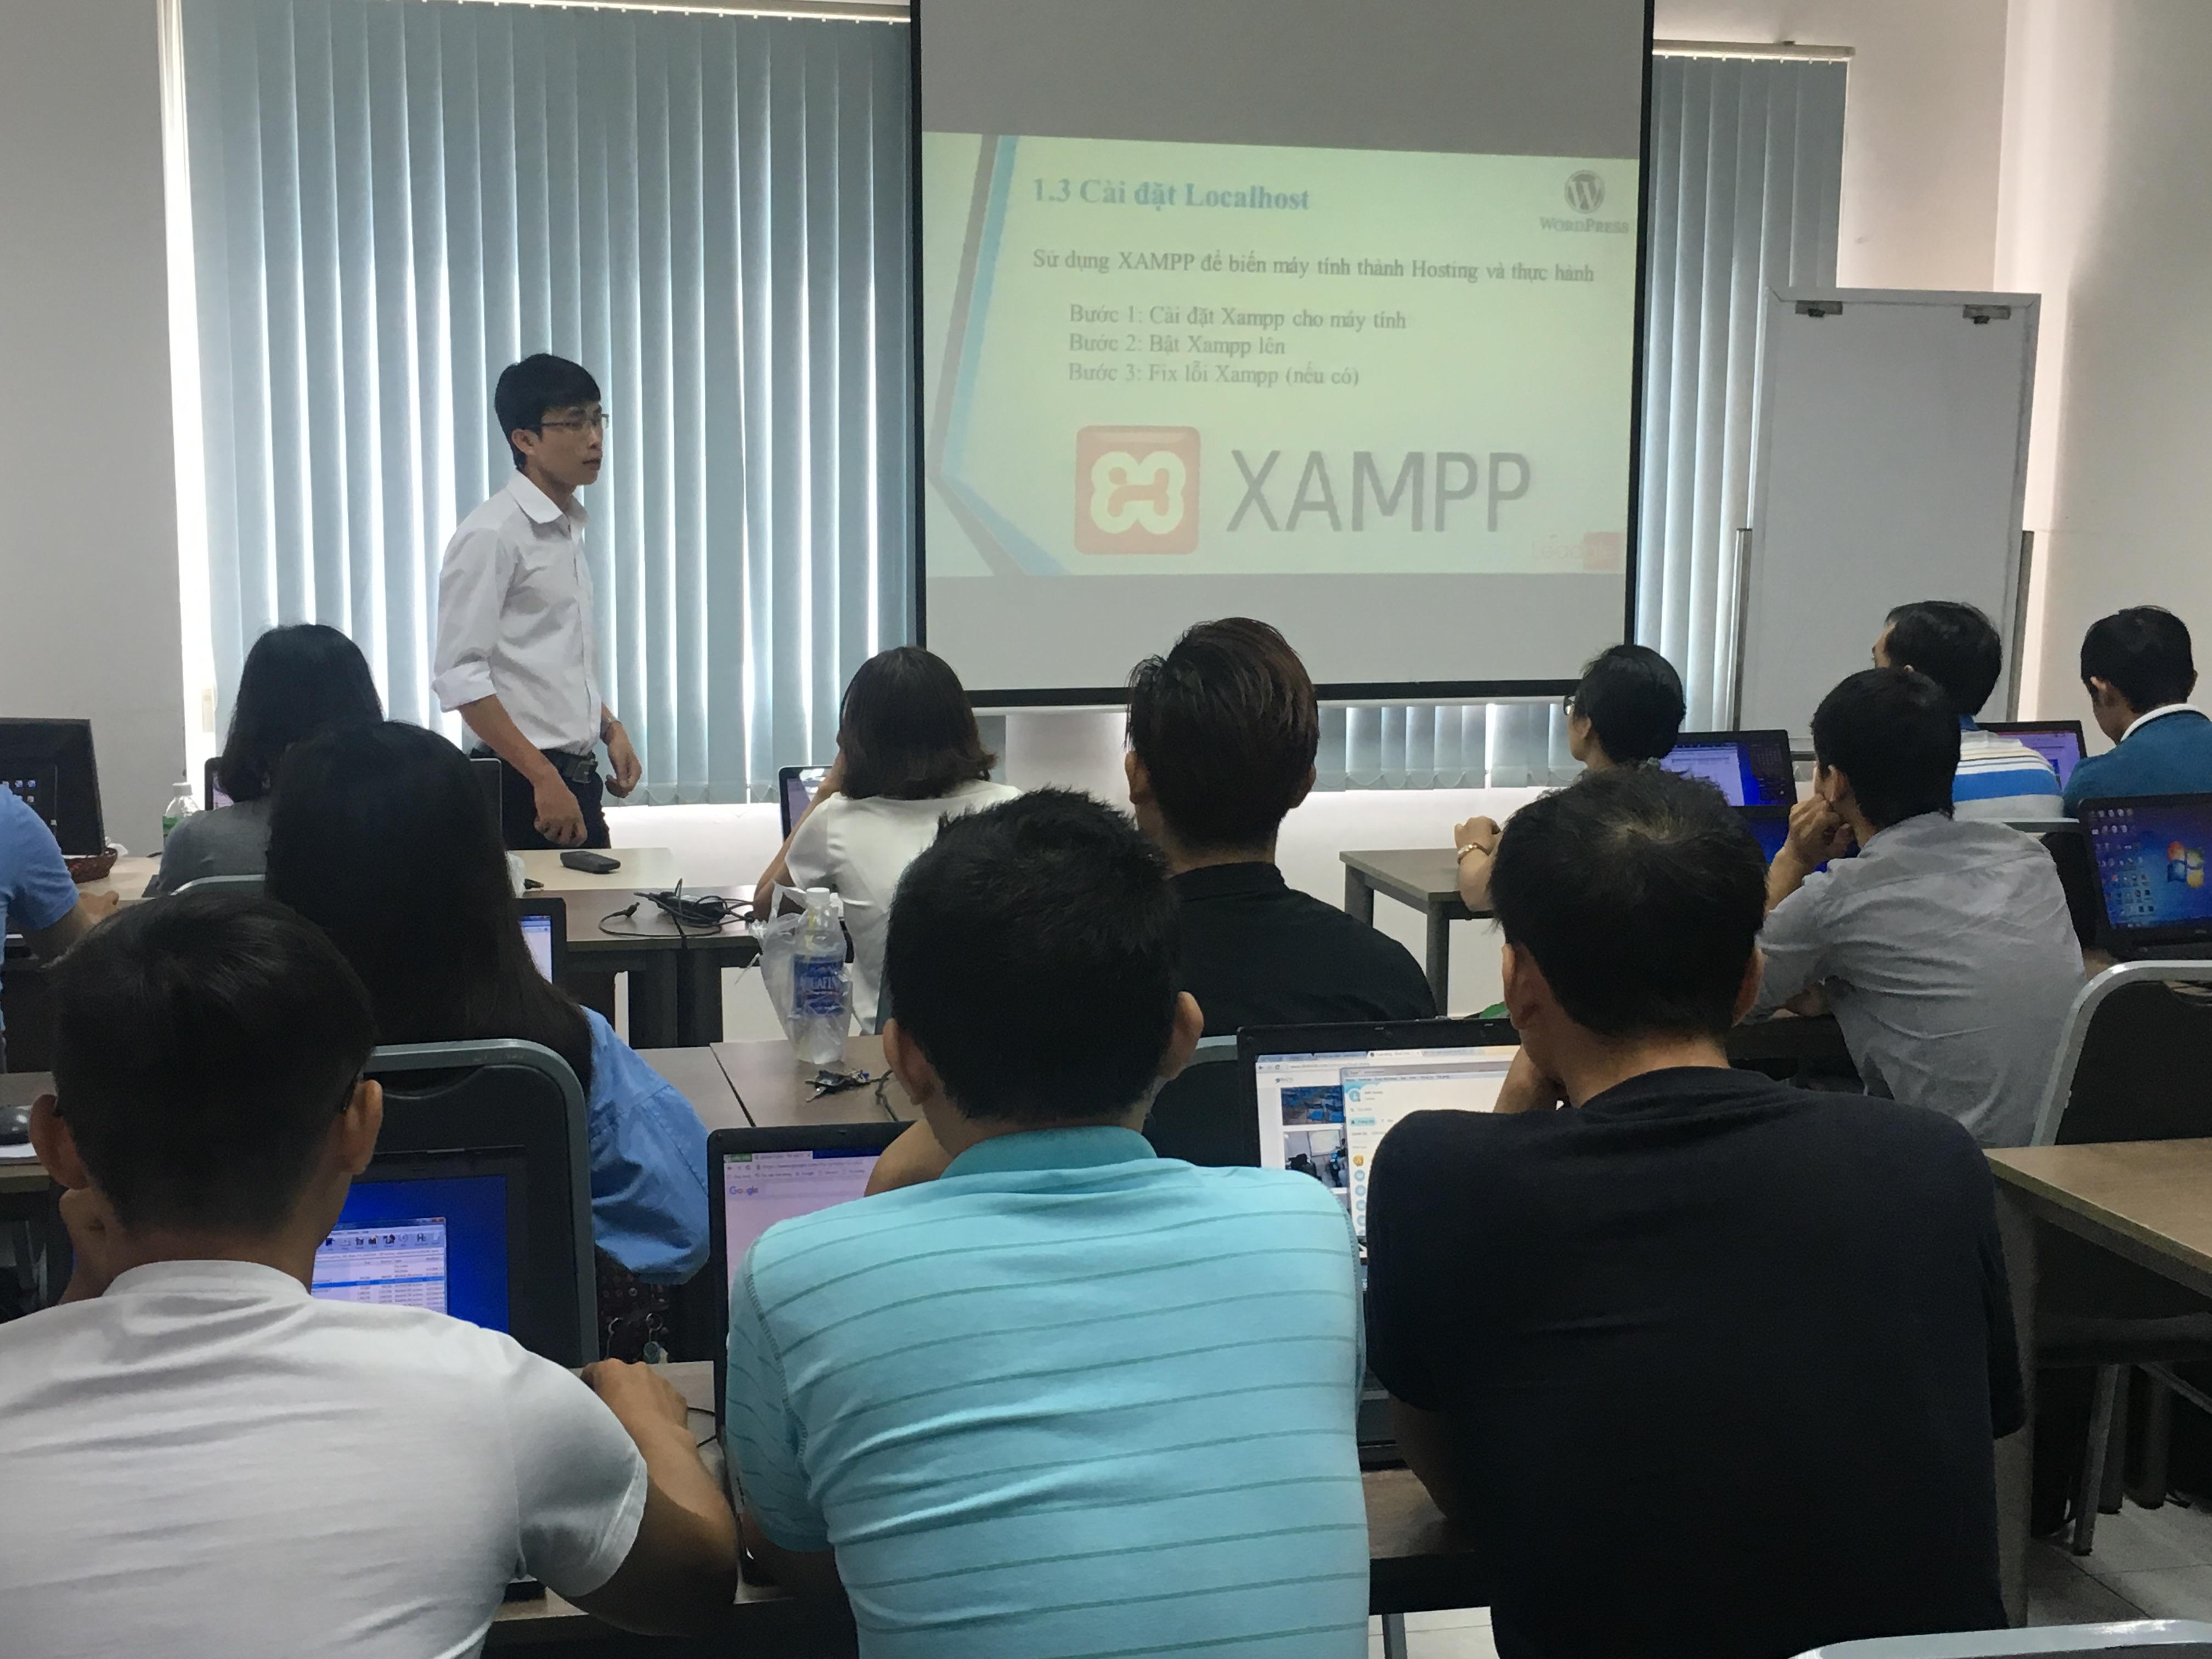 Cài đặt giới thiệu Xampp để biến máy tính thành hosting